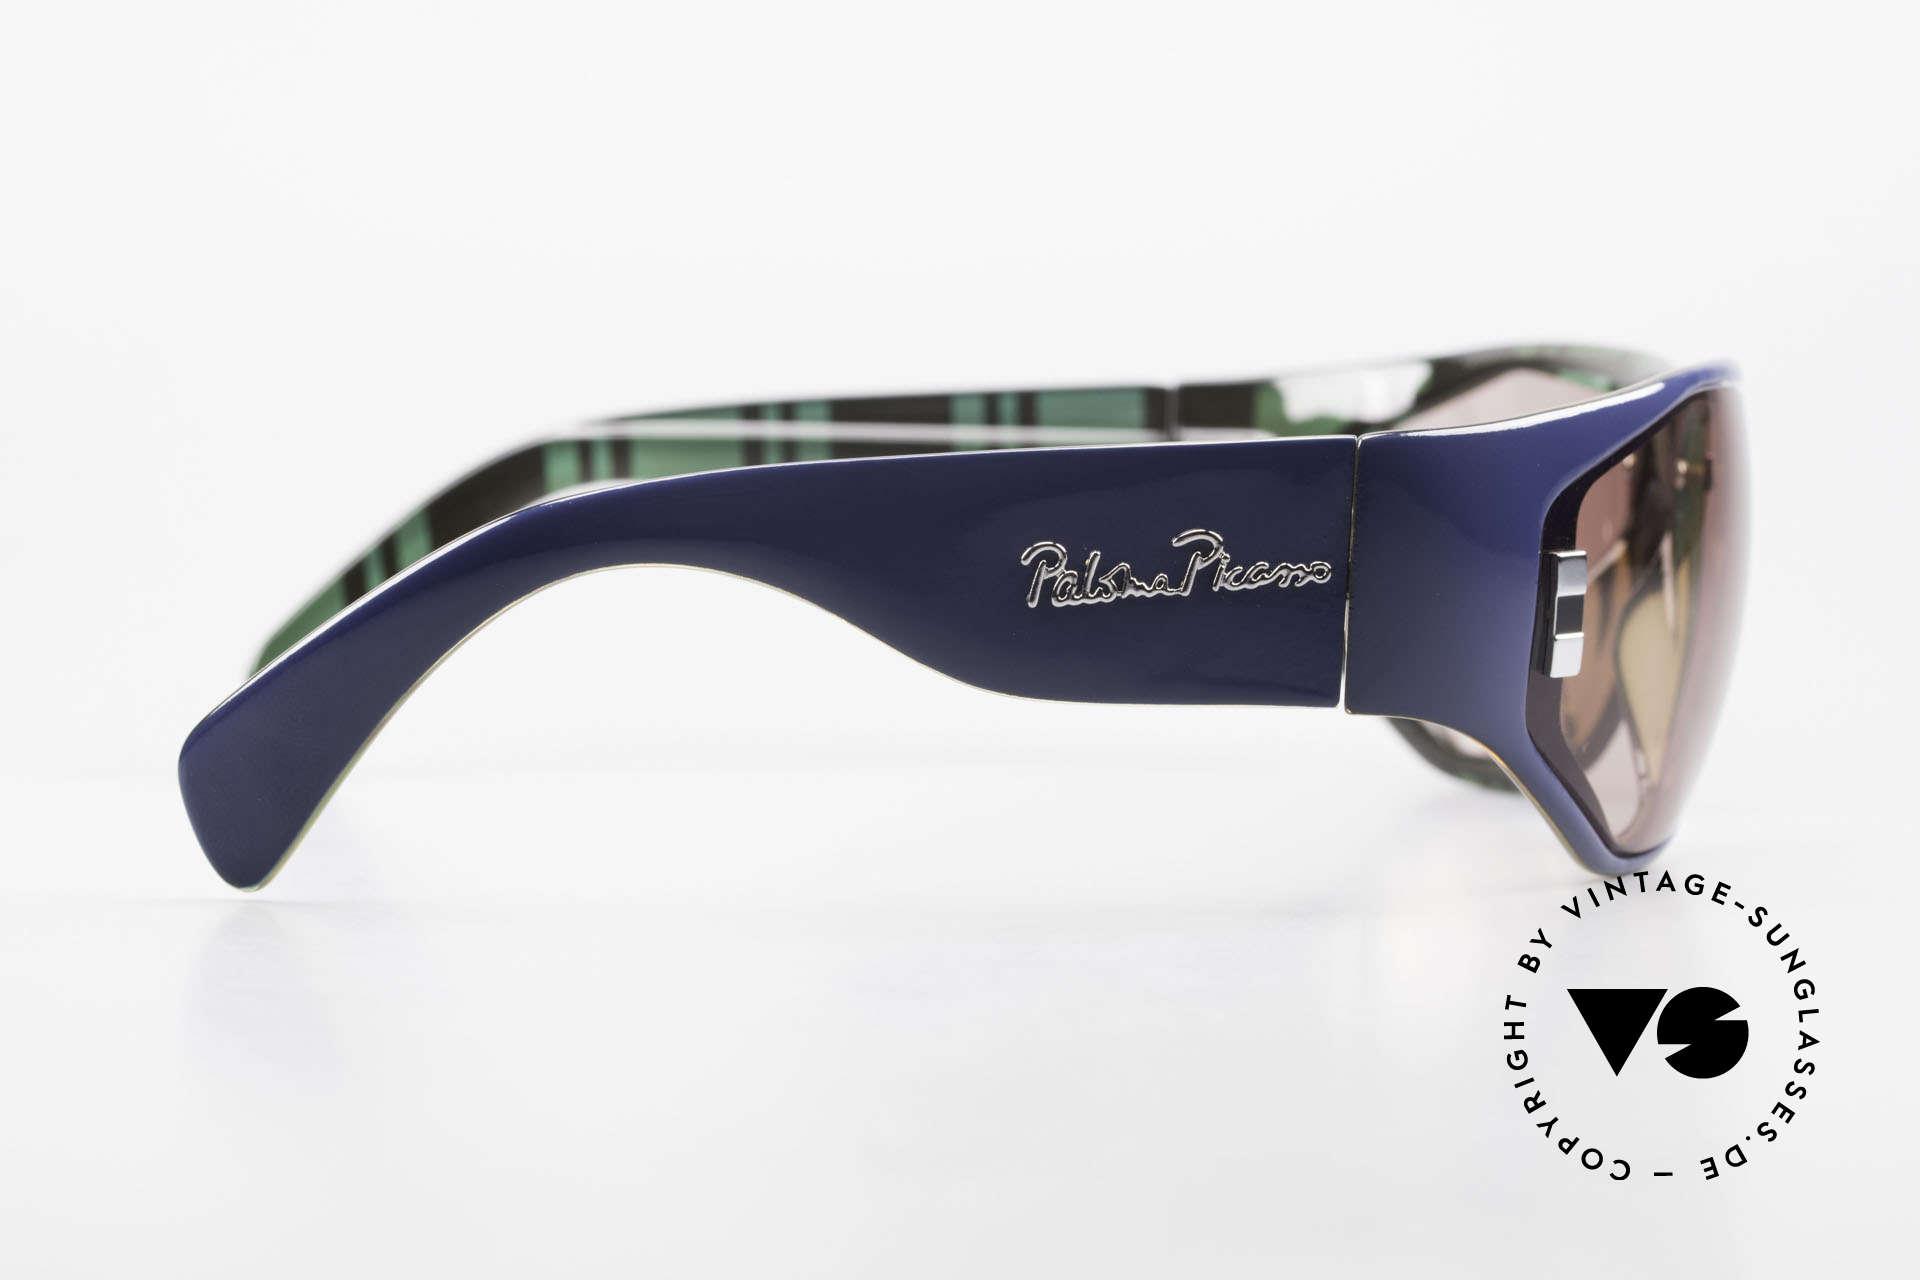 Paloma Picasso 3701 Wrap Around Sonnenbrille 90er, ungetragen; wie alle unsere 90er vintage 'Schätze', Passend für Damen